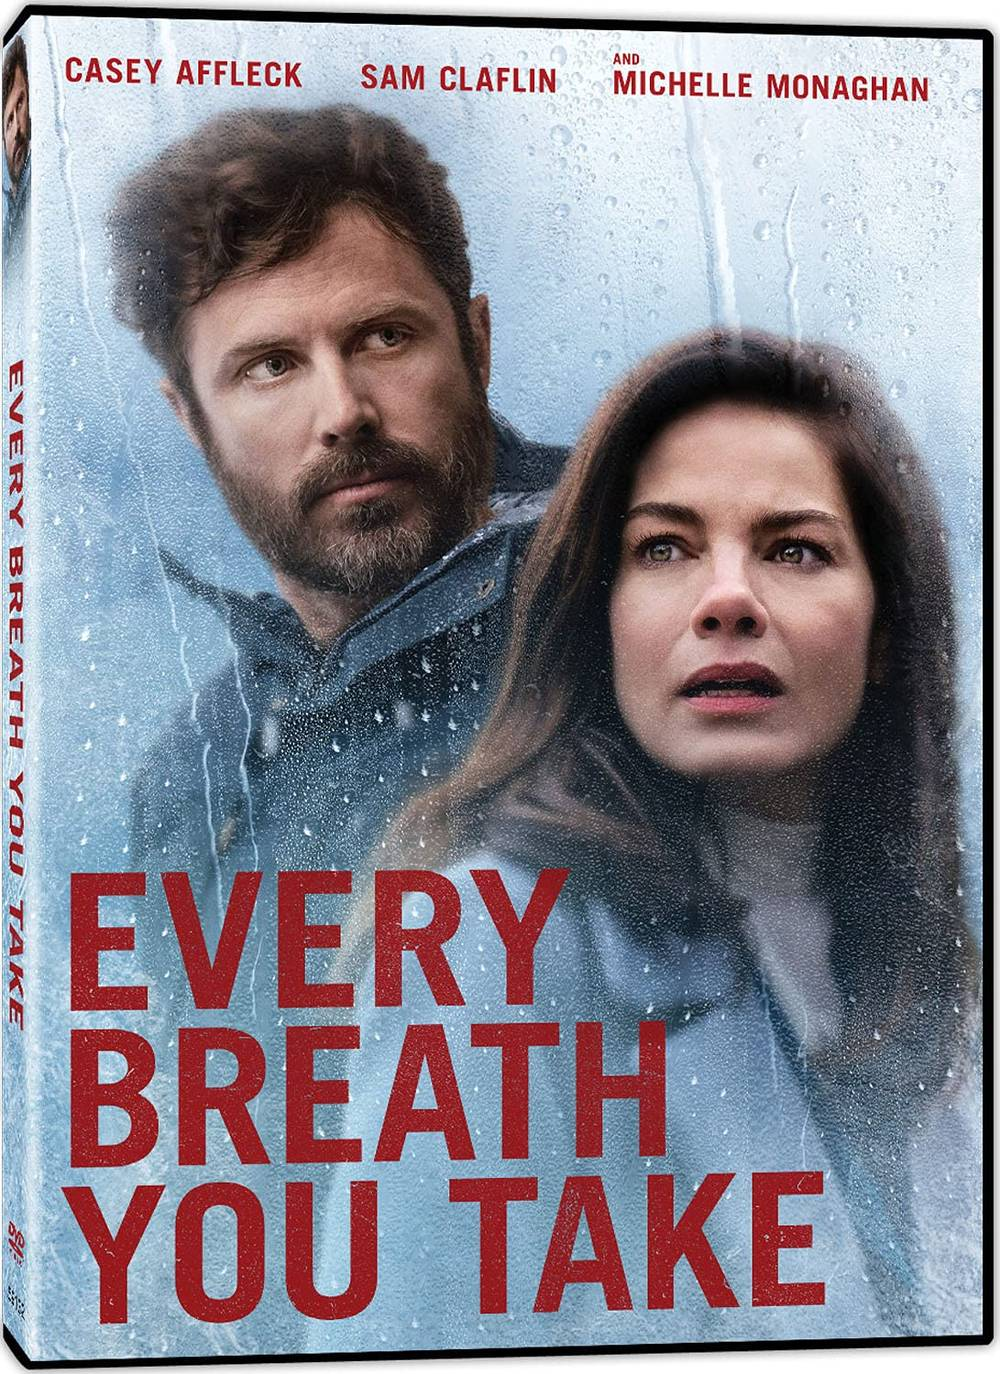 Every Breath You Take [Movie] - Every Breath You Take